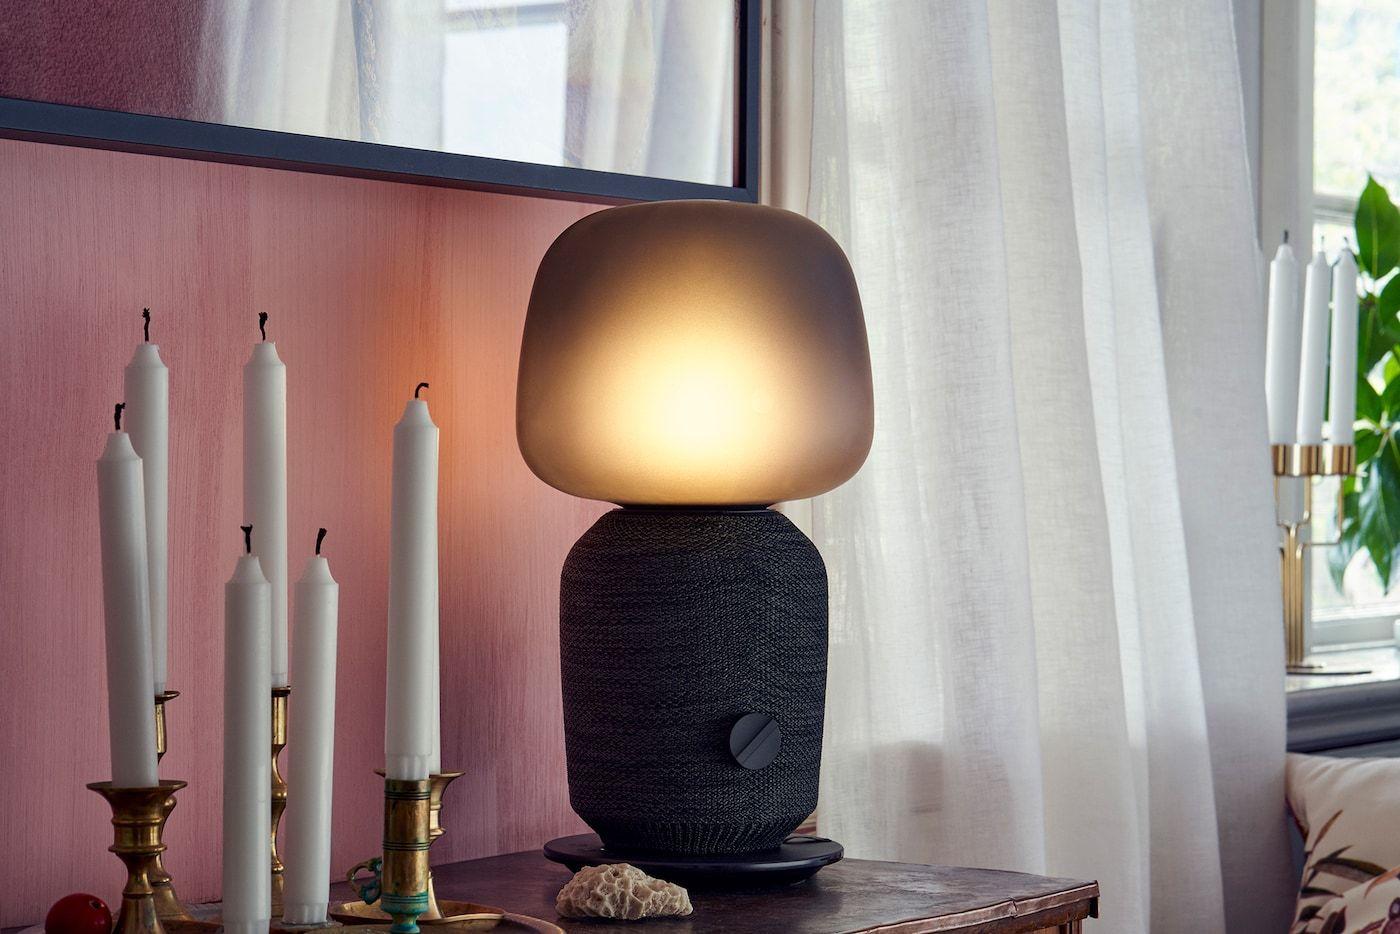 Ikea Symfonisk Wie Klingt Das Sound System Avec Images Ikea Lampes De Table Deco